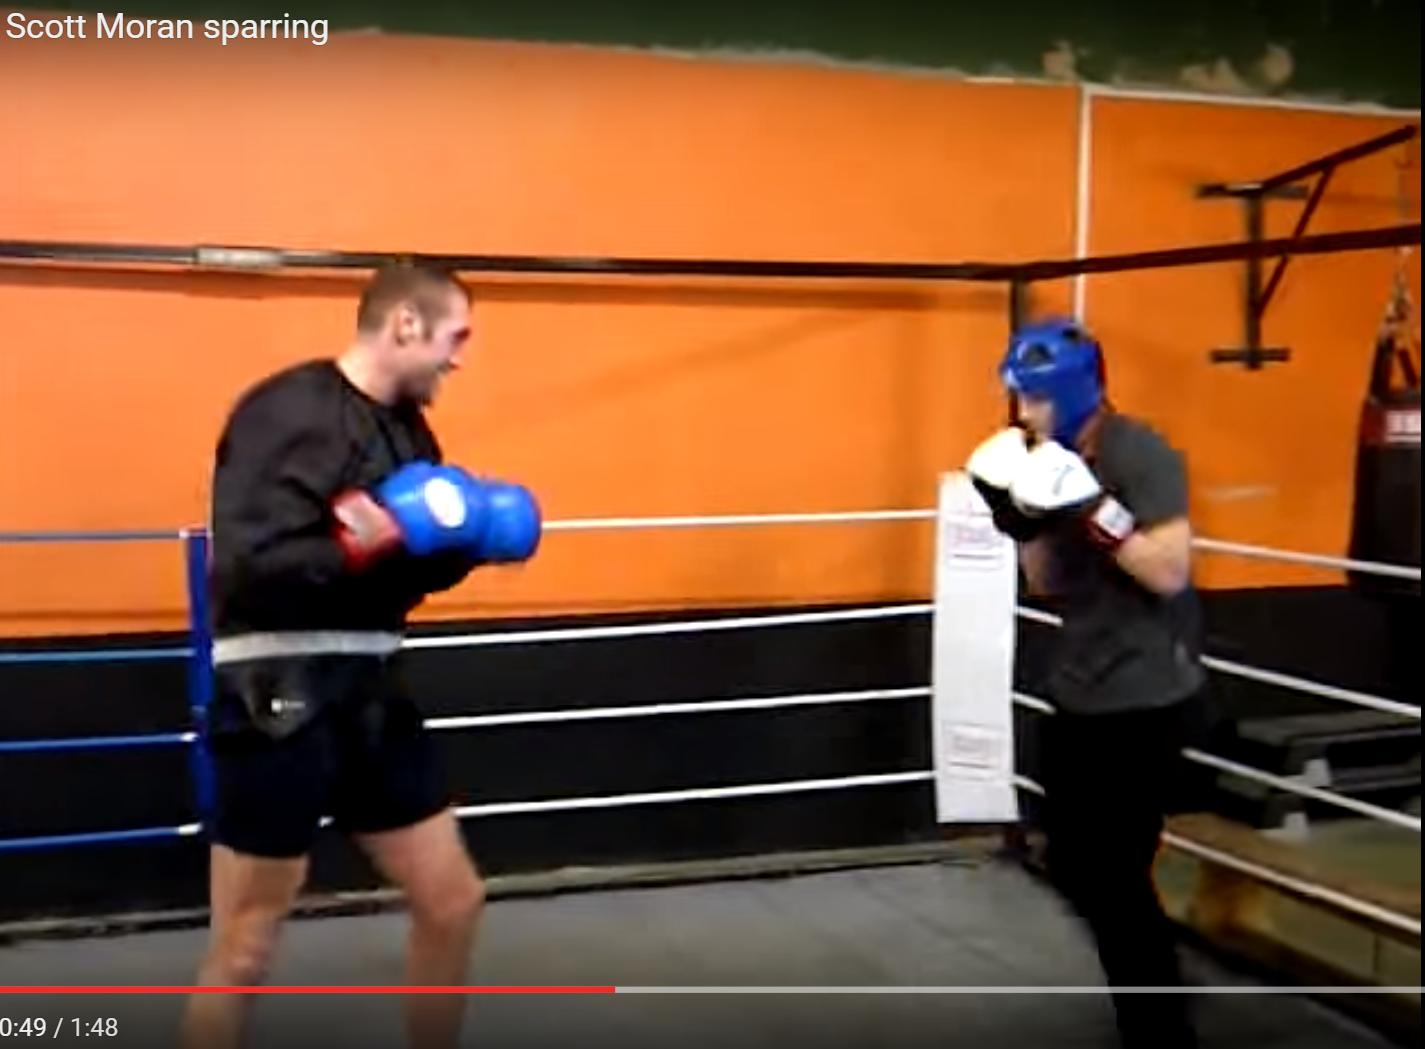 Professional boxer Tyson Fury